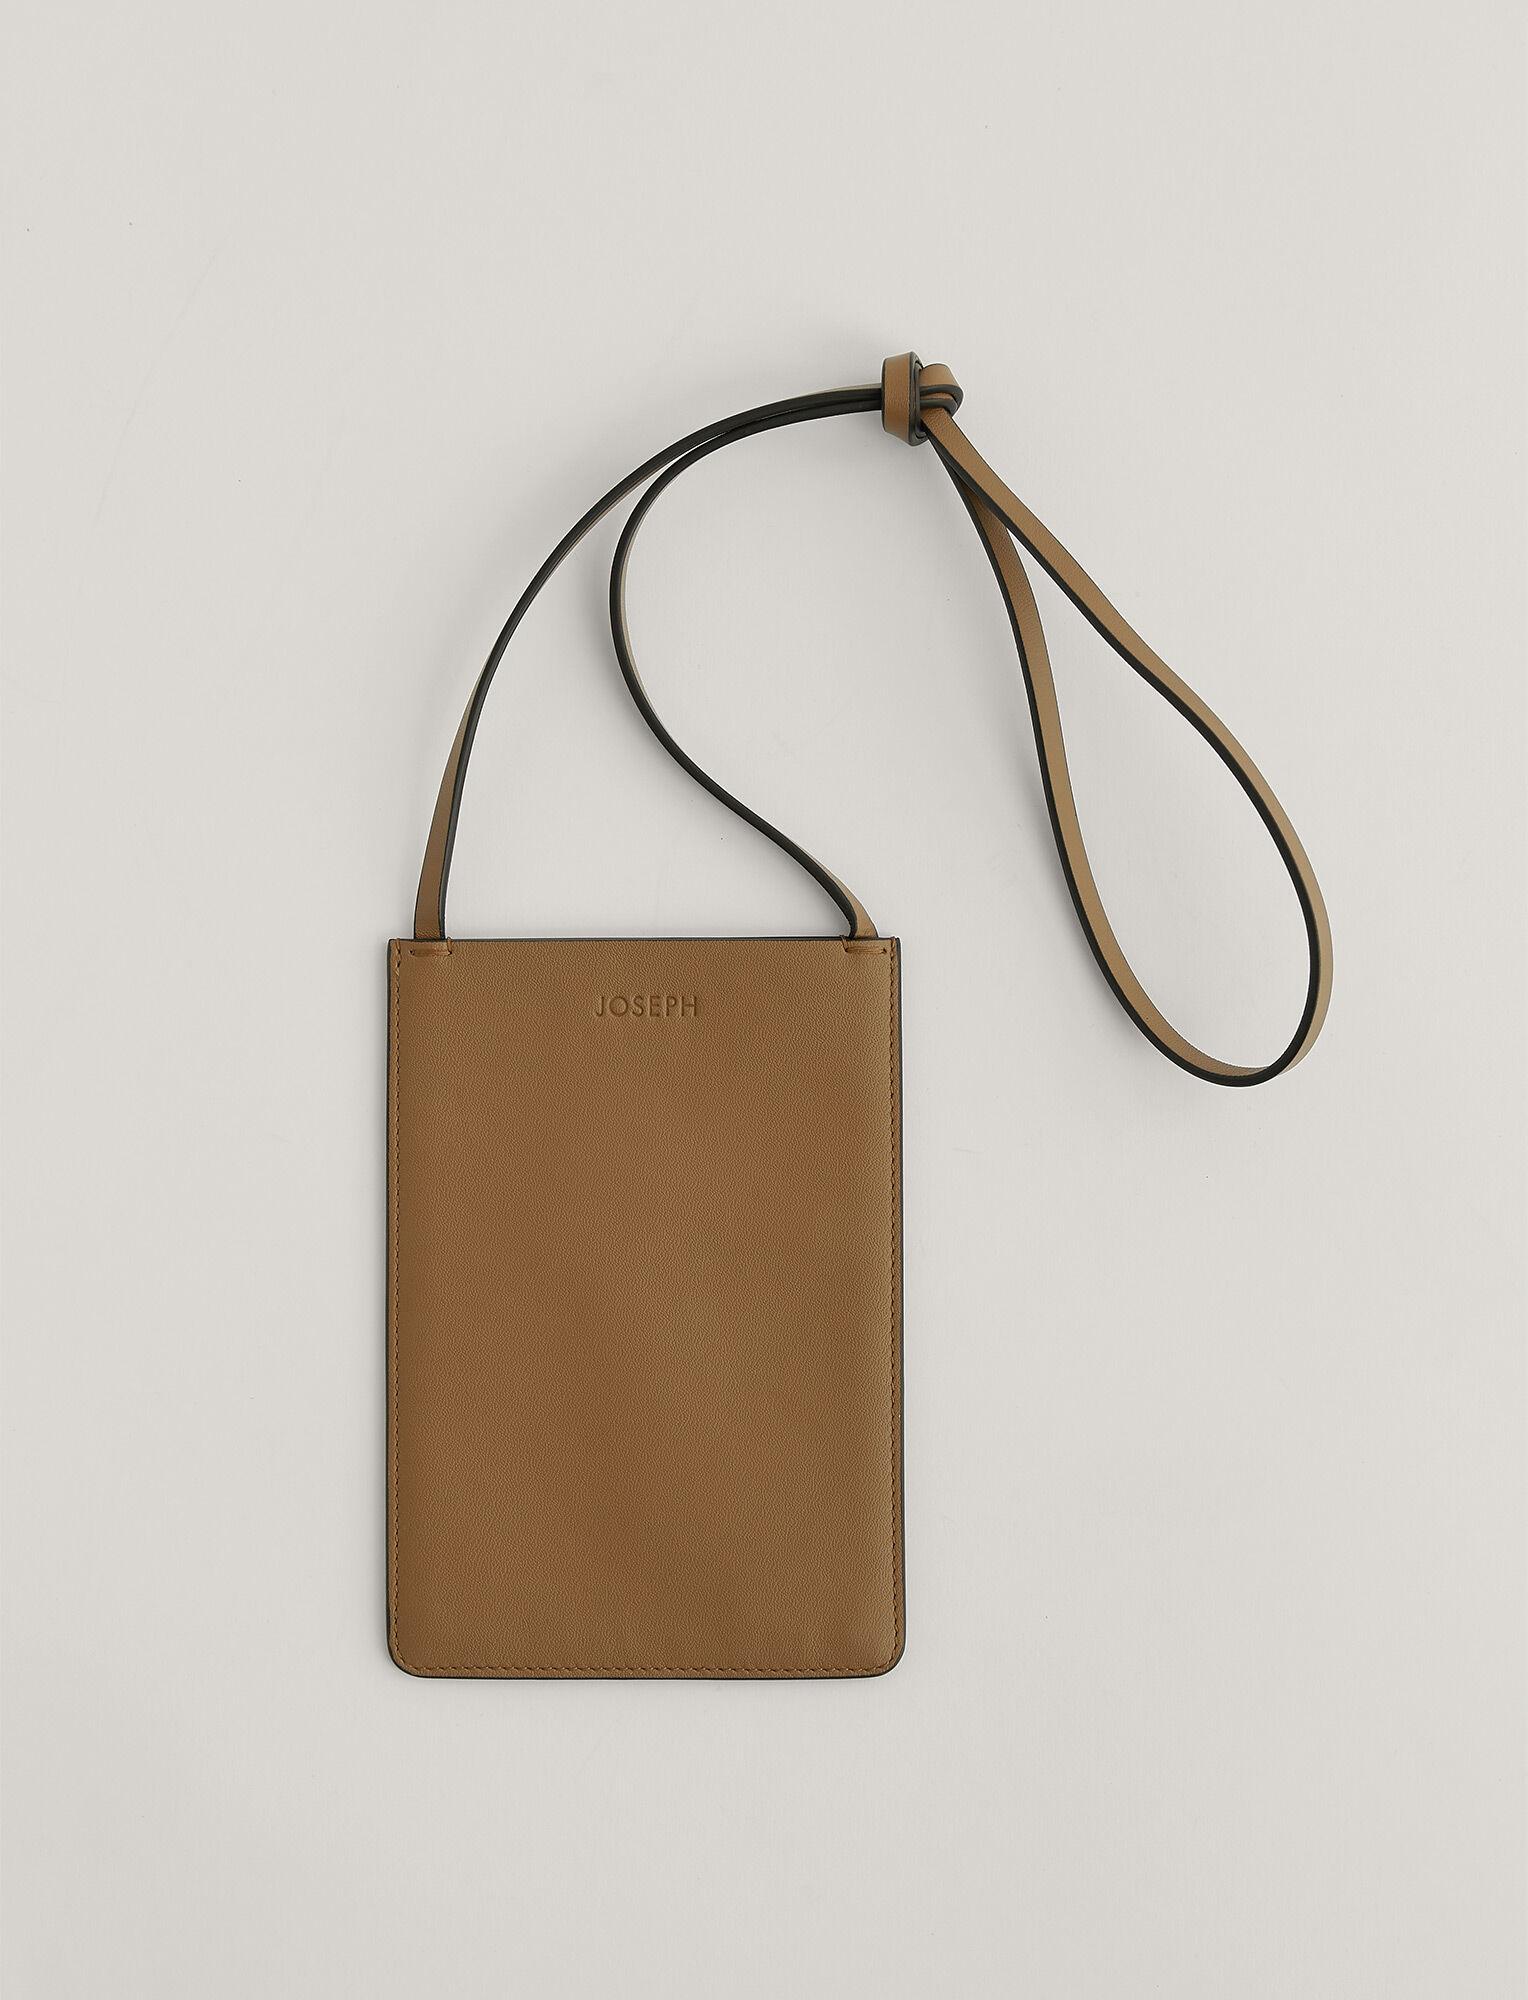 Joseph, Pocket Bag, in SADDLE